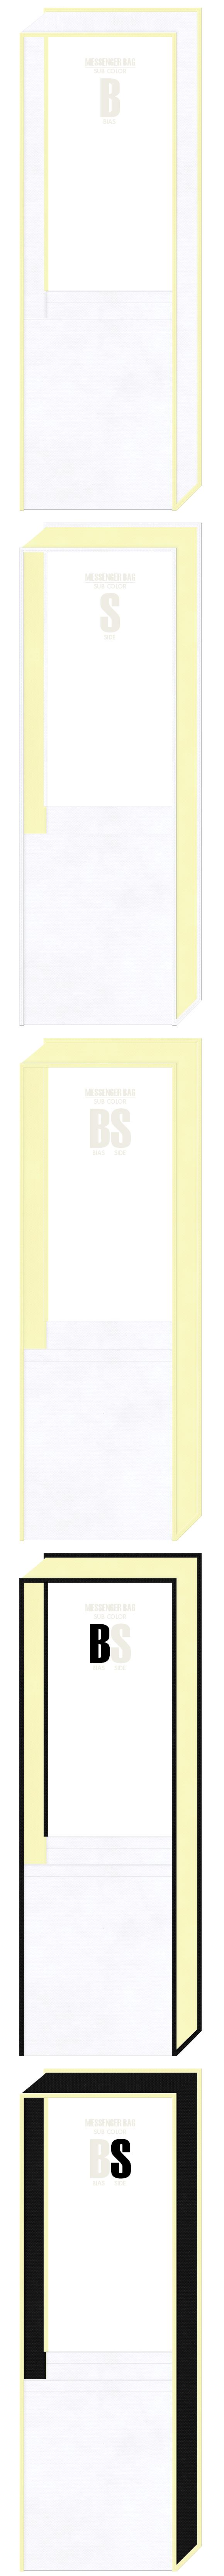 白色・薄黄色・黒色の3色を使用した、不織布メッセンジャーバッグのデザイン